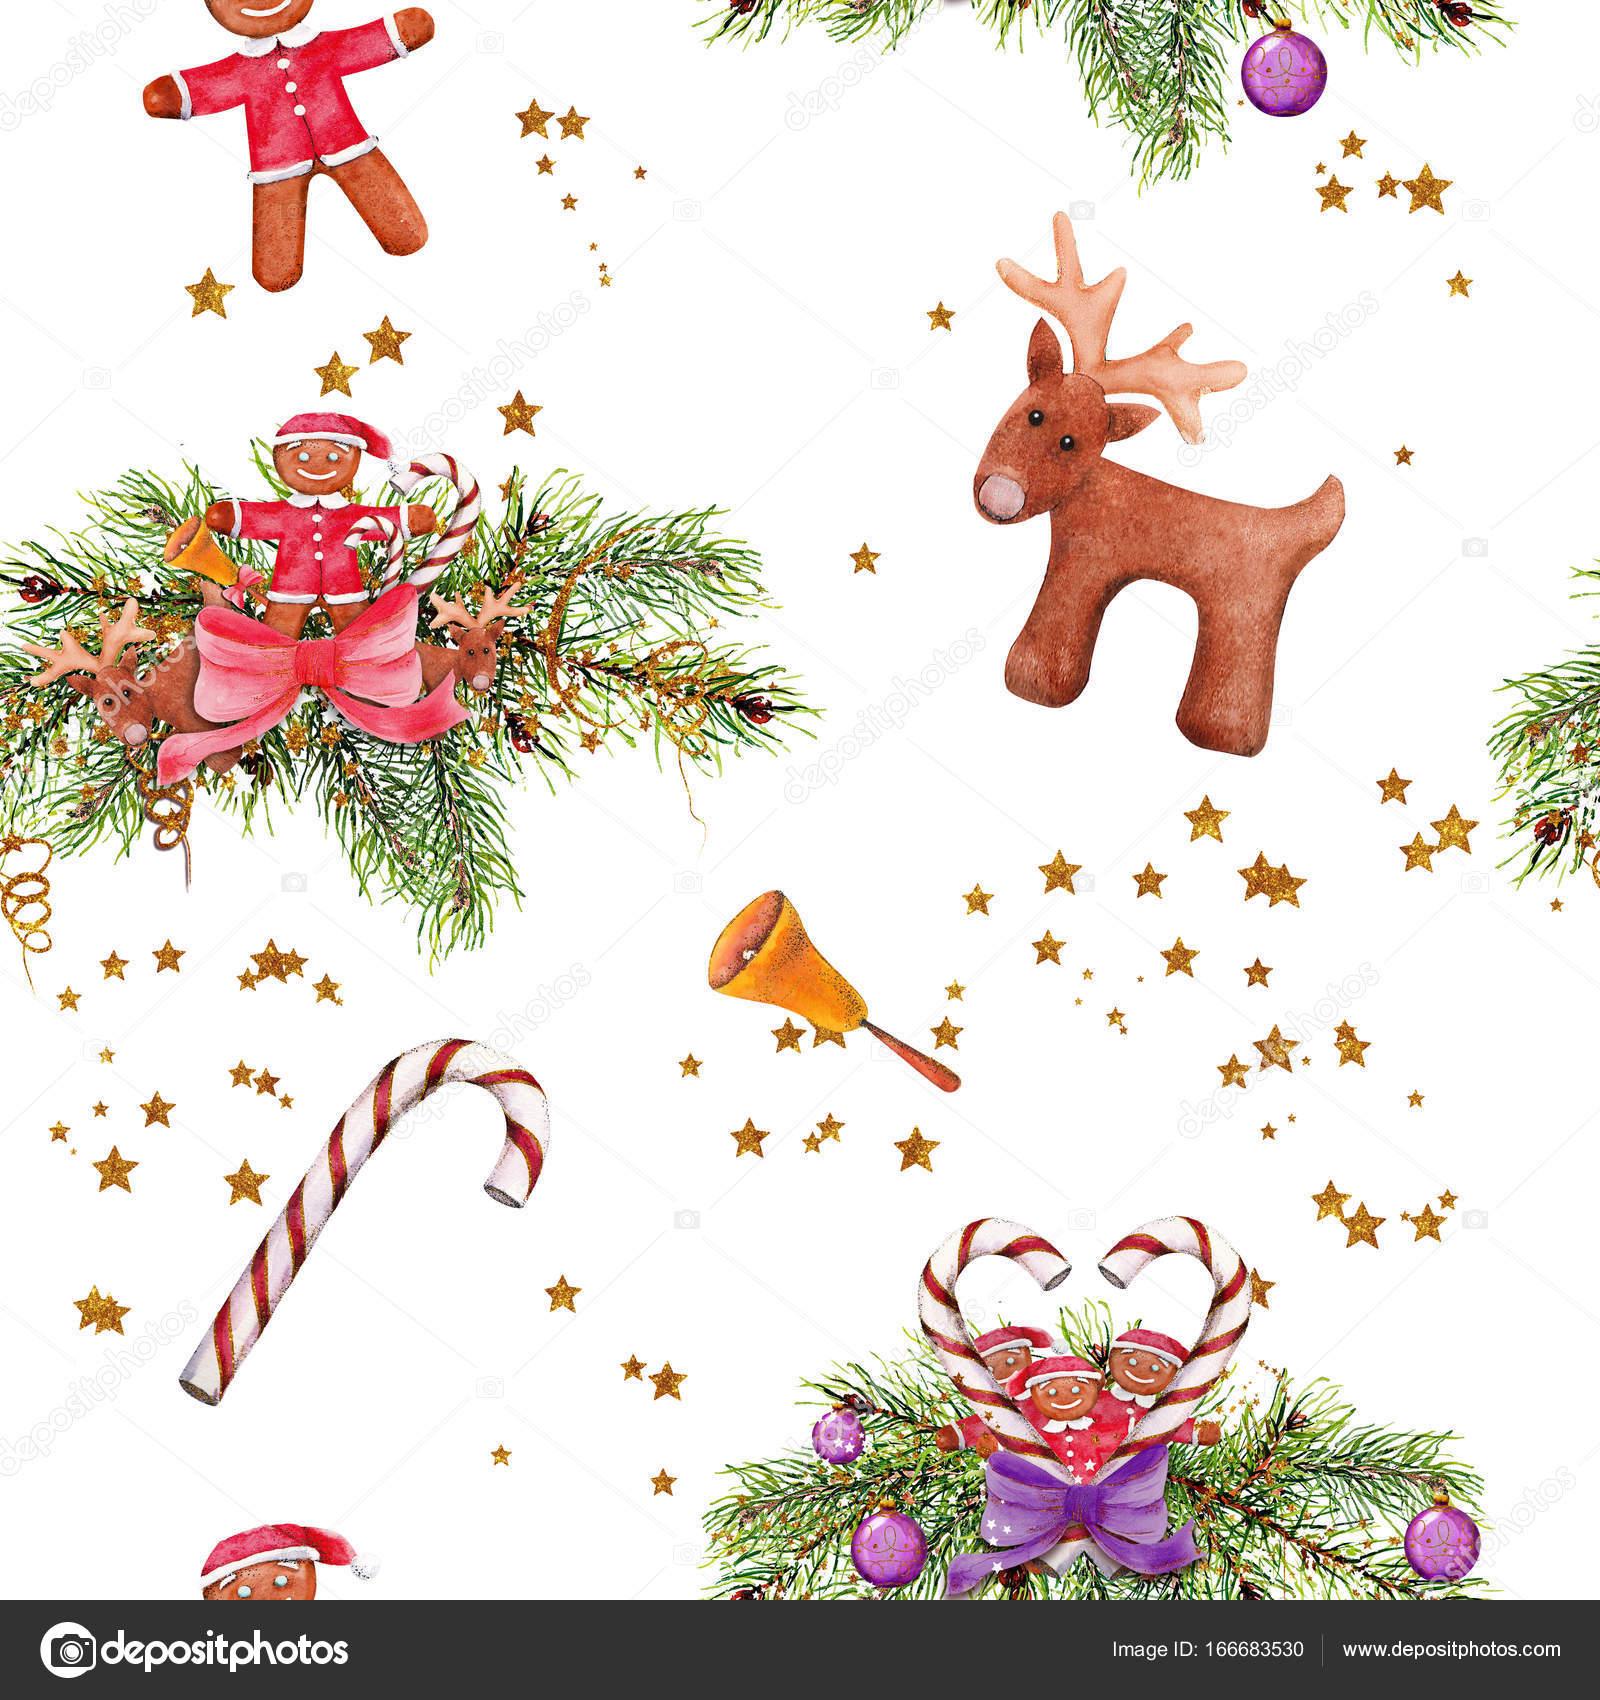 Weihnachten Clipart, Handarbeit von einem Aquarell — Stockfoto ...